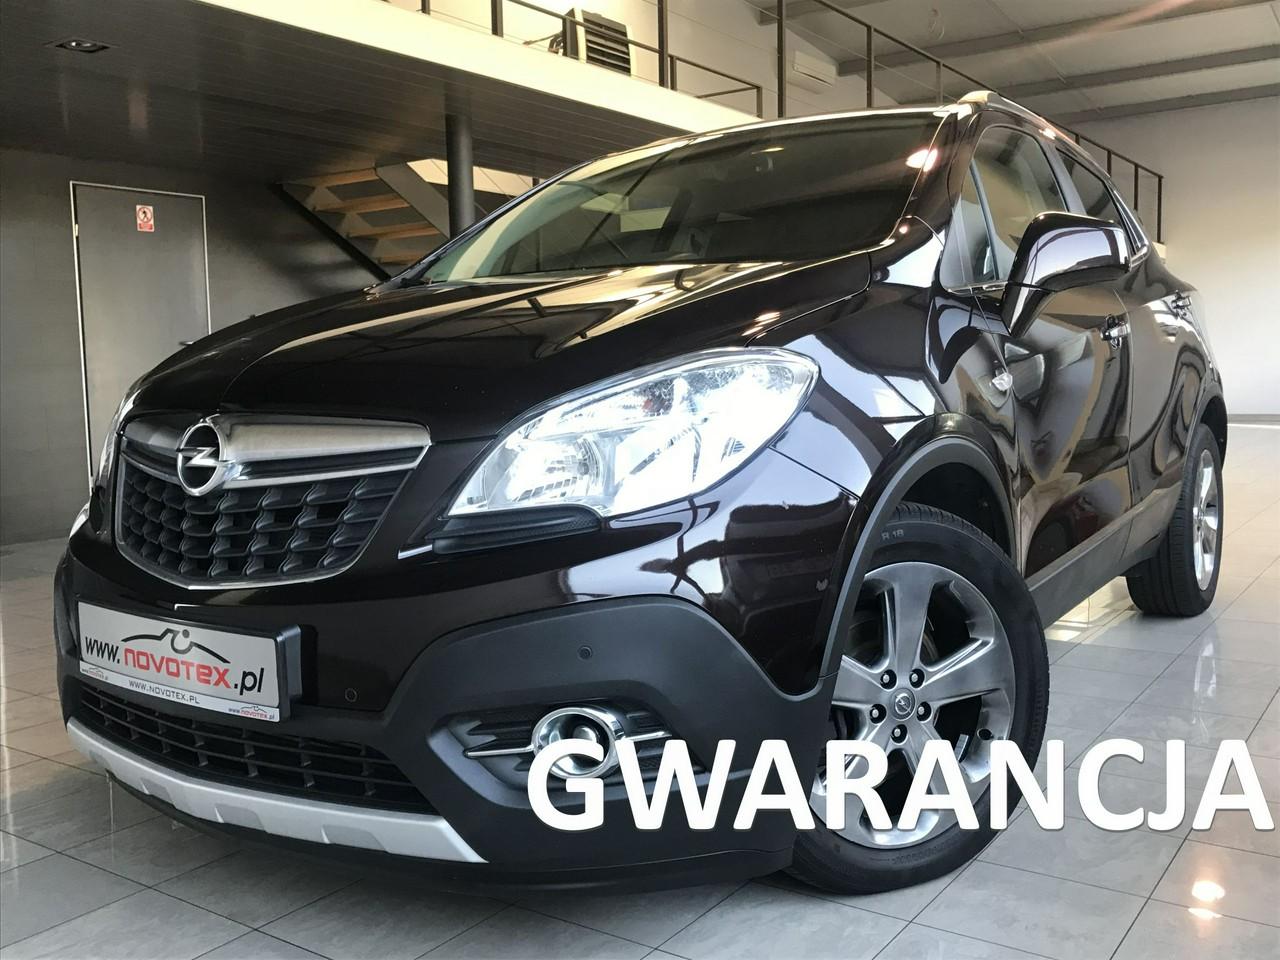 Opel Mokka 1.7CDTI*Cosmo*4x4*skóra*navi*alu 17*serwis w ASO*Gwarancja VIP Service